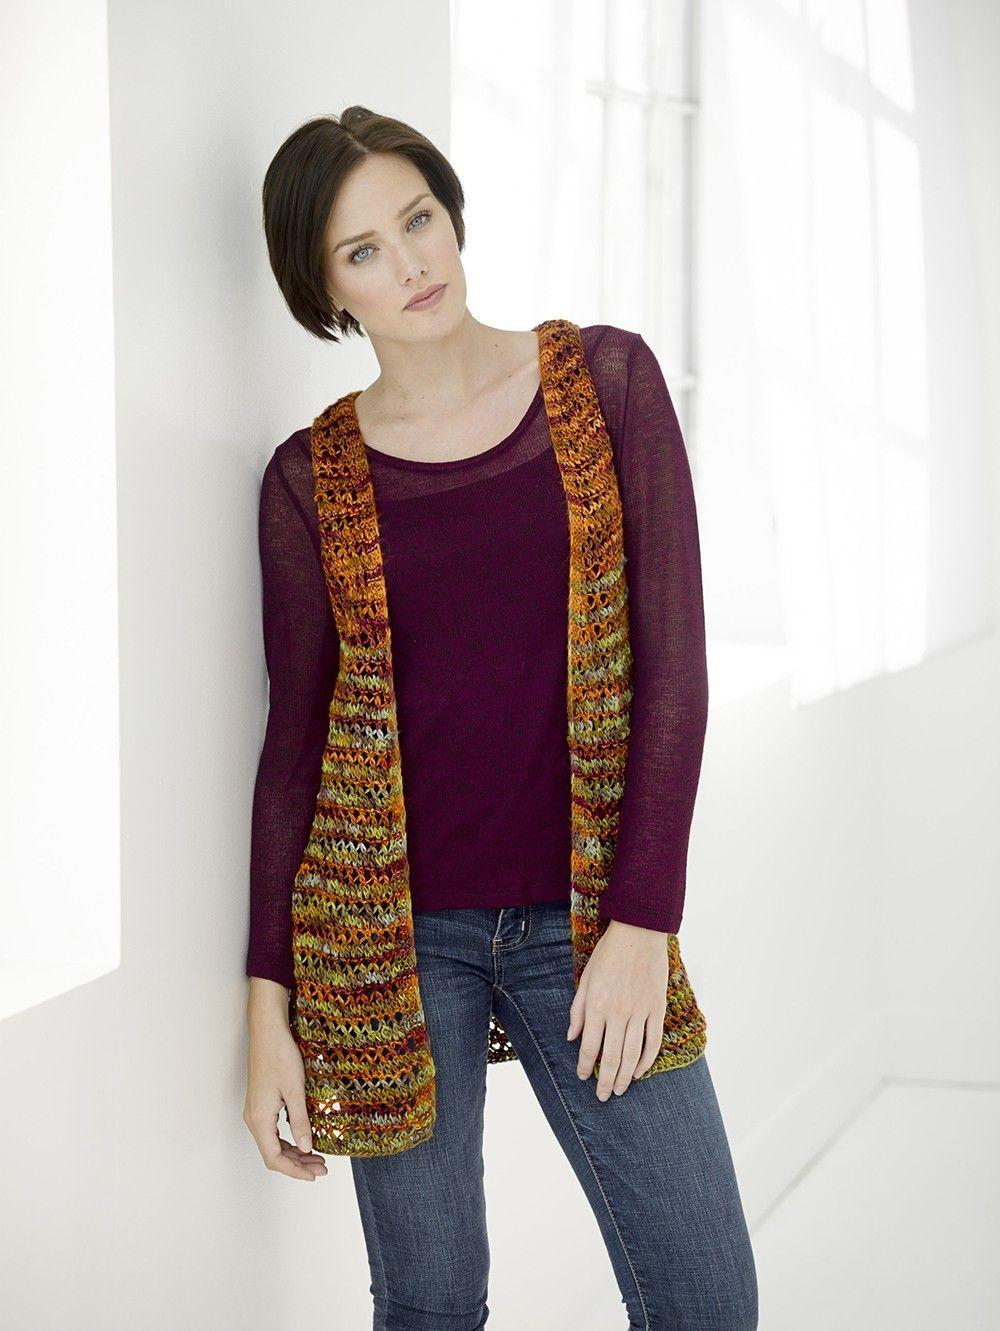 Delightfully Light Vest (Knit)   Knitting   Pinterest   Fiber art ...